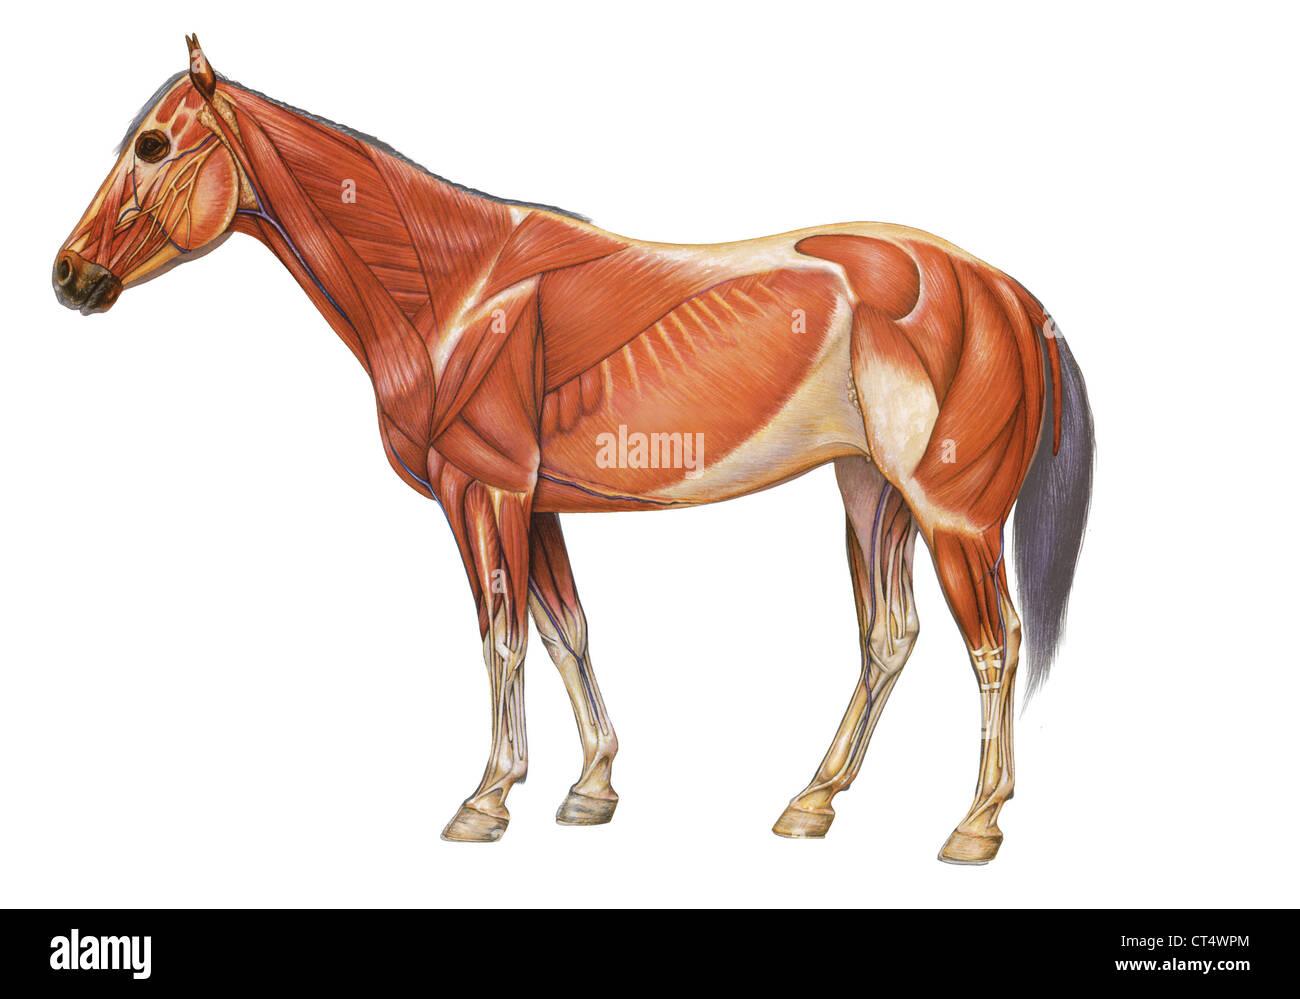 Groß Anatomie Eines Pferdes Bein Galerie - Anatomie Ideen - finotti.info